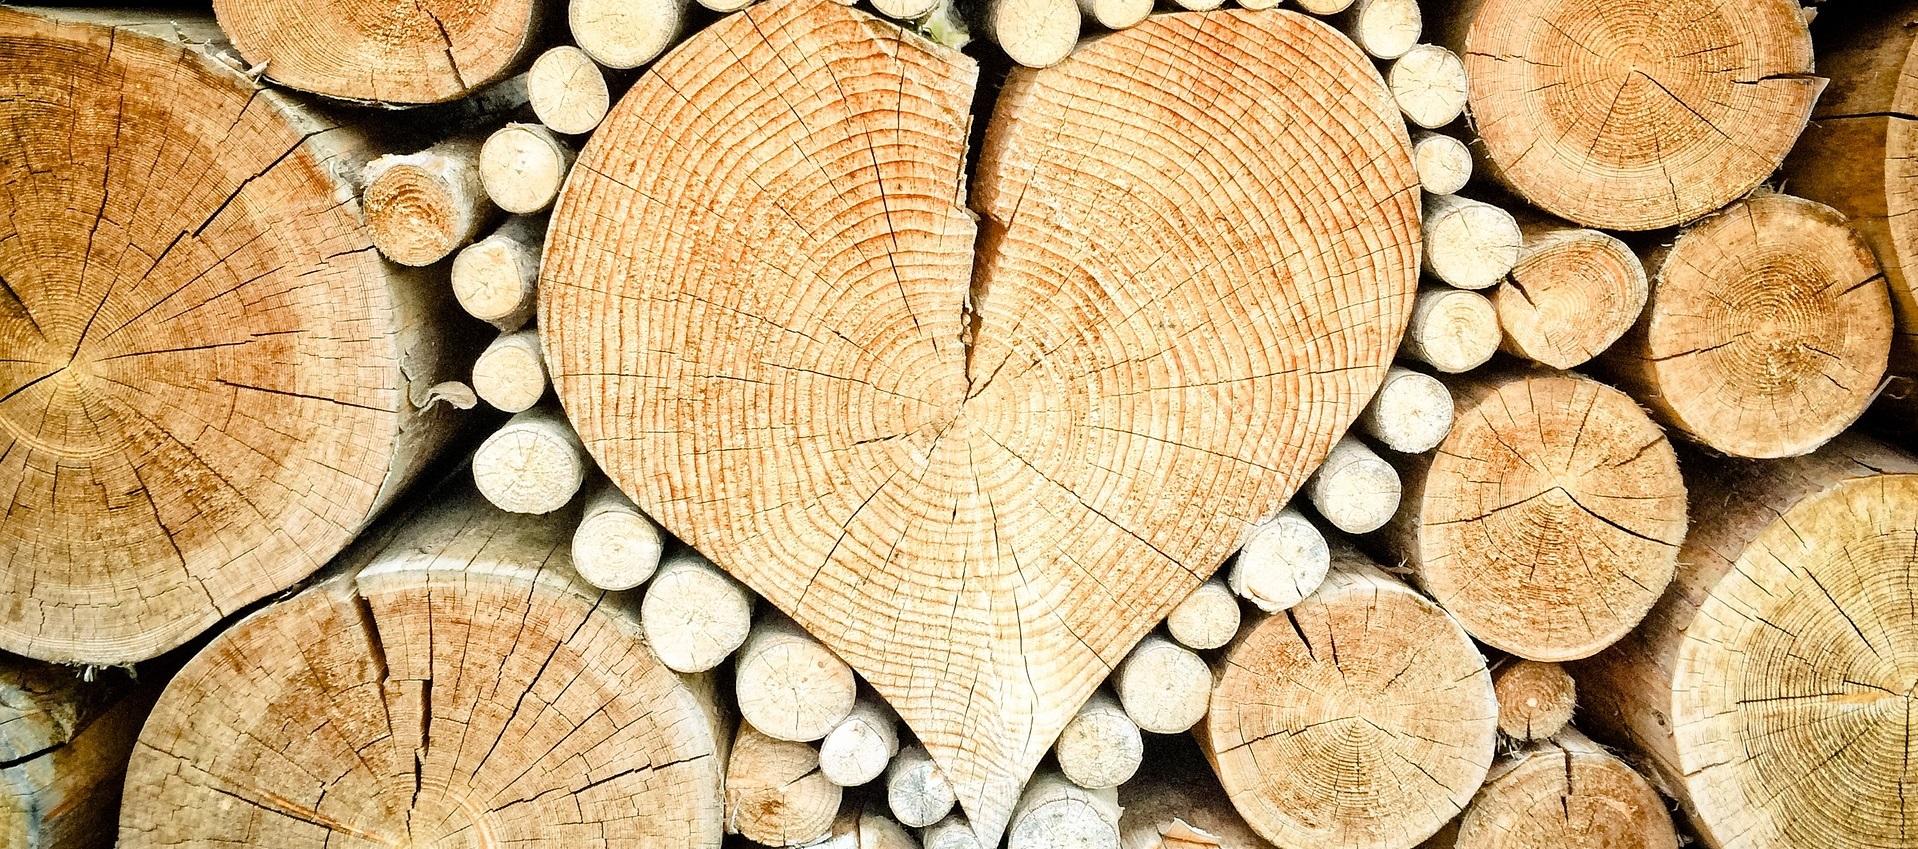 Herdins hjärta trä träslag och deras egenskaper